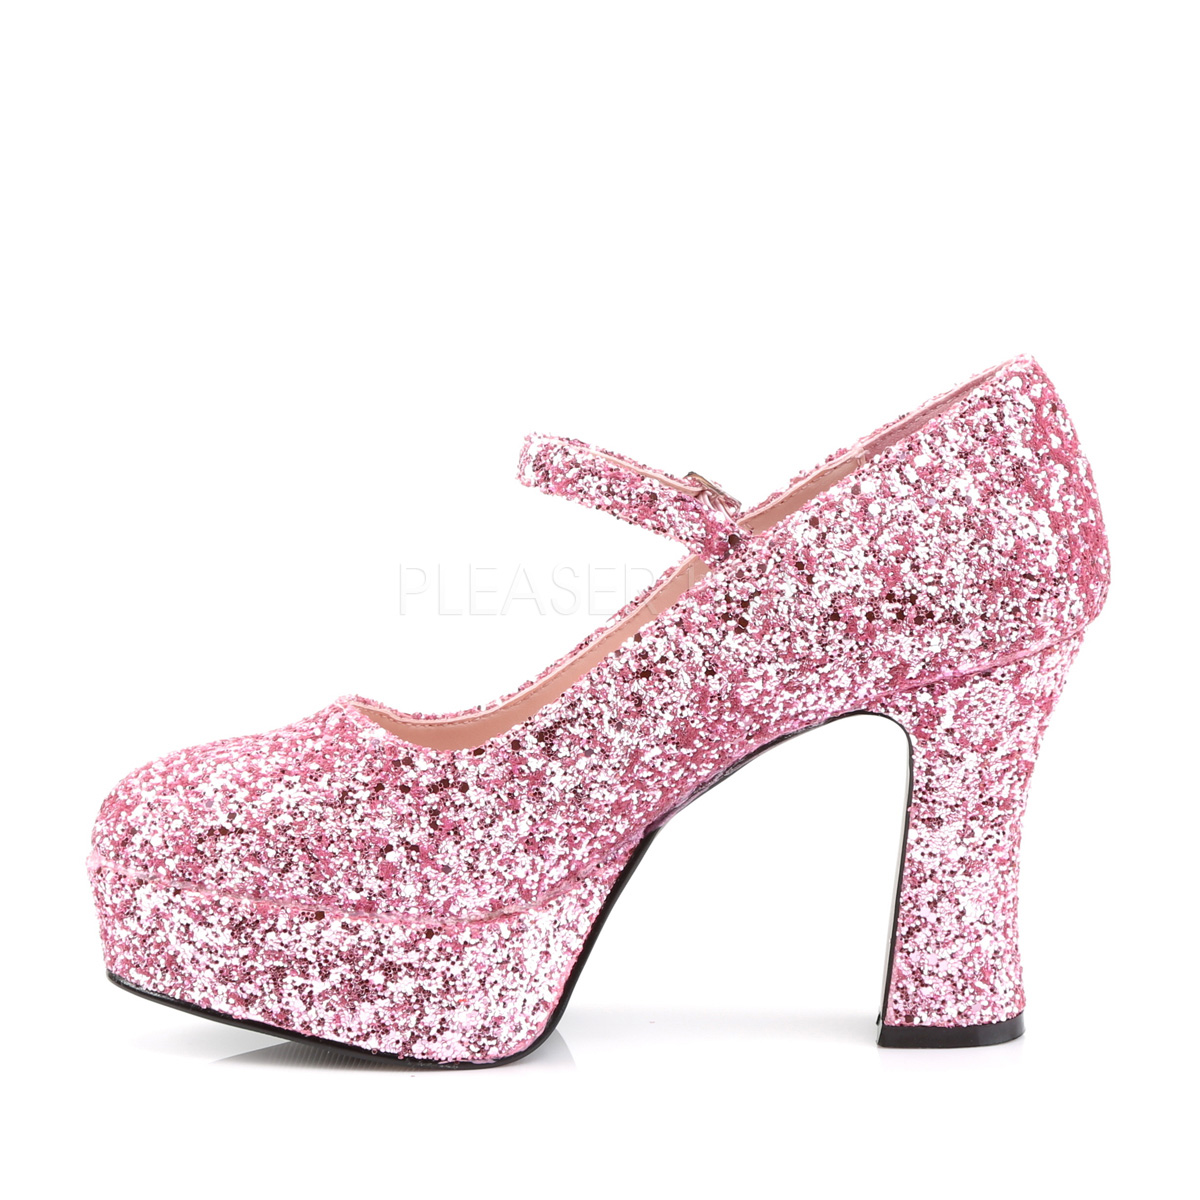 Funtasma MARYJANE-50G 4inch Heel, 1 1/2inch PF, Heel Mary Jane Pump w/Glitter◆取り寄せ